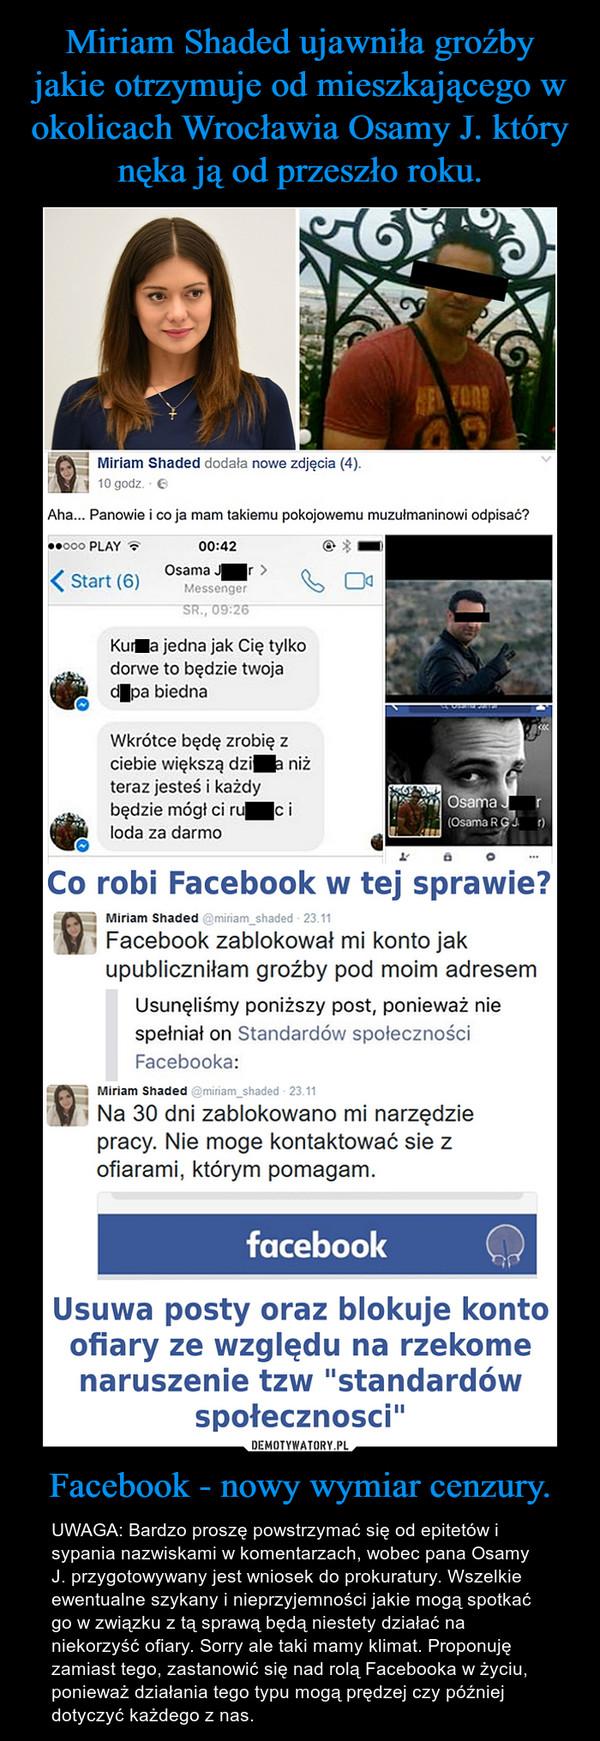 Facebook - nowy wymiar cenzury. – UWAGA: Bardzo proszę powstrzymać się od epitetów i sypania nazwiskami w komentarzach, wobec pana Osamy J. przygotowywany jest wniosek do prokuratury. Wszelkie ewentualne szykany i nieprzyjemności jakie mogą spotkać go w związku z tą sprawą będą niestety działać na niekorzyść ofiary. Sorry ale taki mamy klimat. Proponuję zamiast tego, zastanowić się nad rolą Facebooka w życiu, ponieważ działania tego typu mogą prędzej czy później dotyczyć każdego z nas.